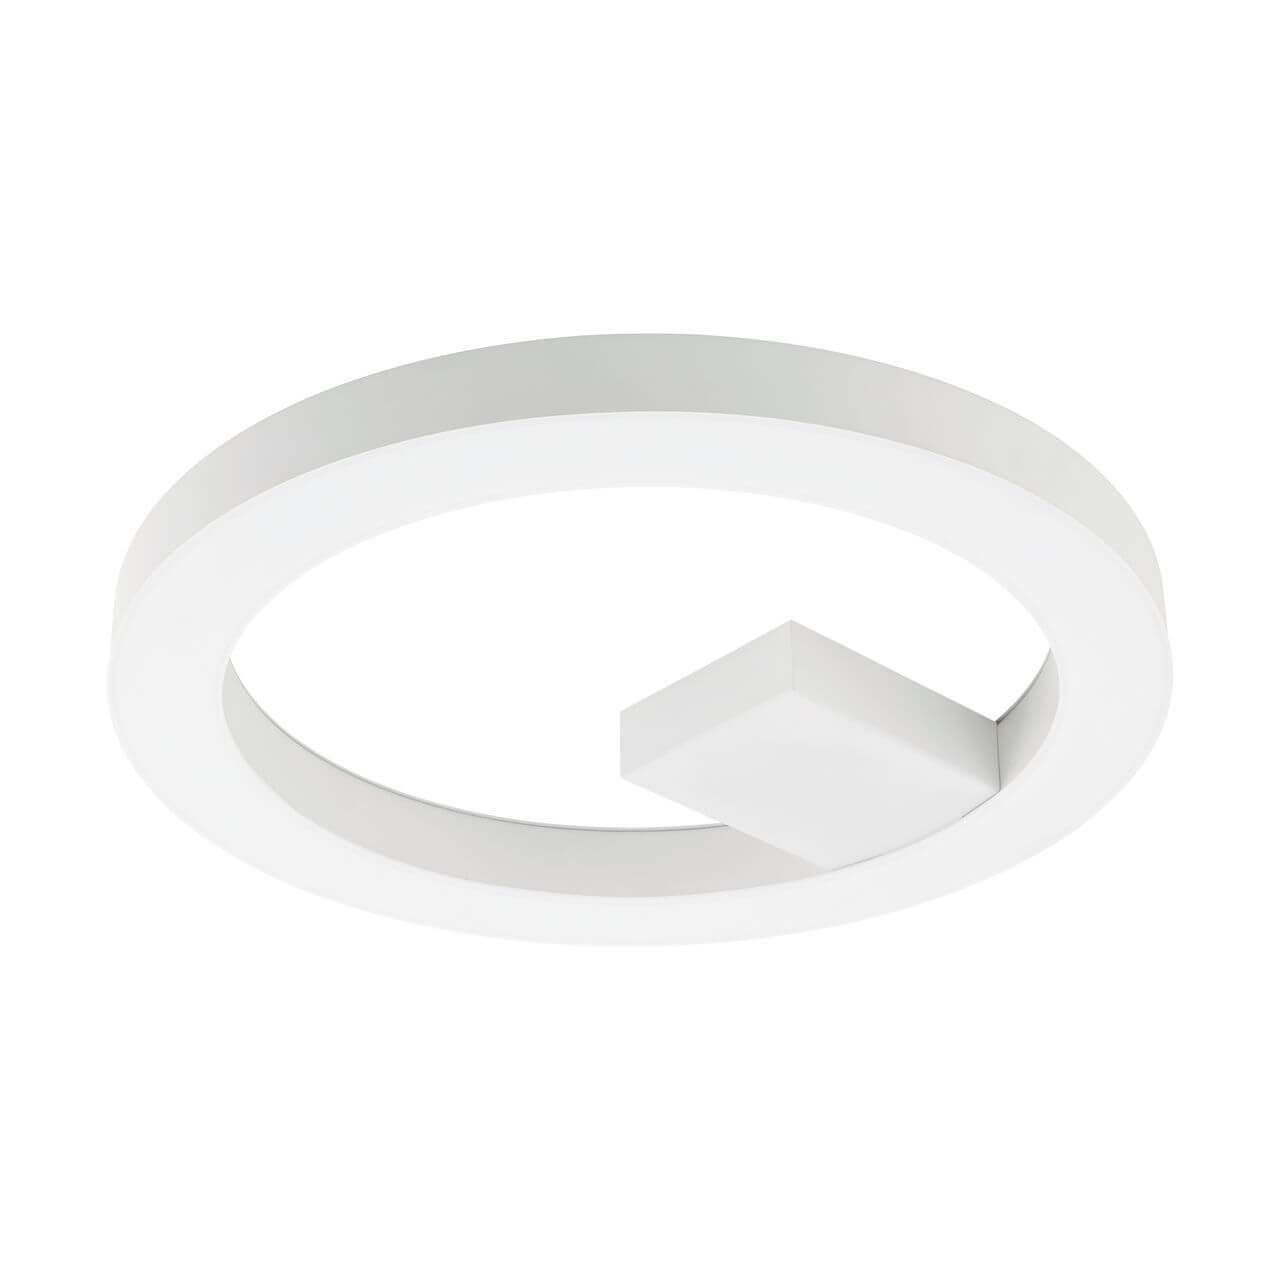 Потолочный светильник Eglo 96655, белый eglo 94615